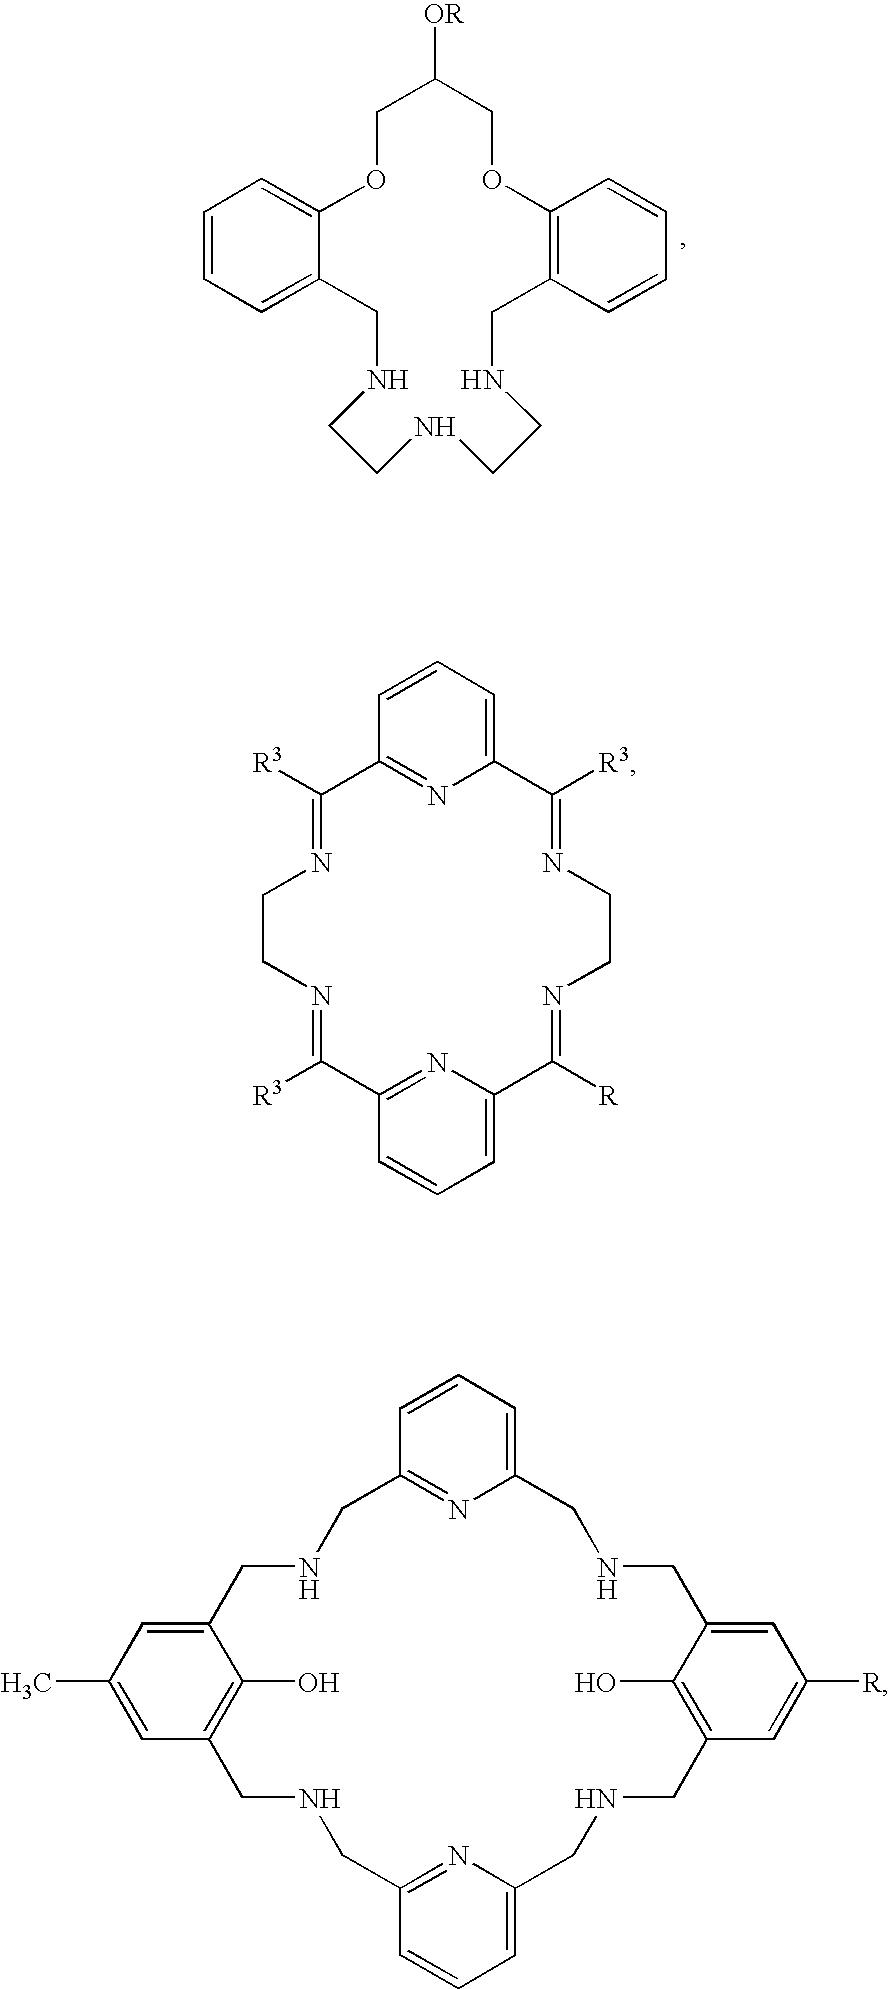 Figure US07786292-20100831-C00018